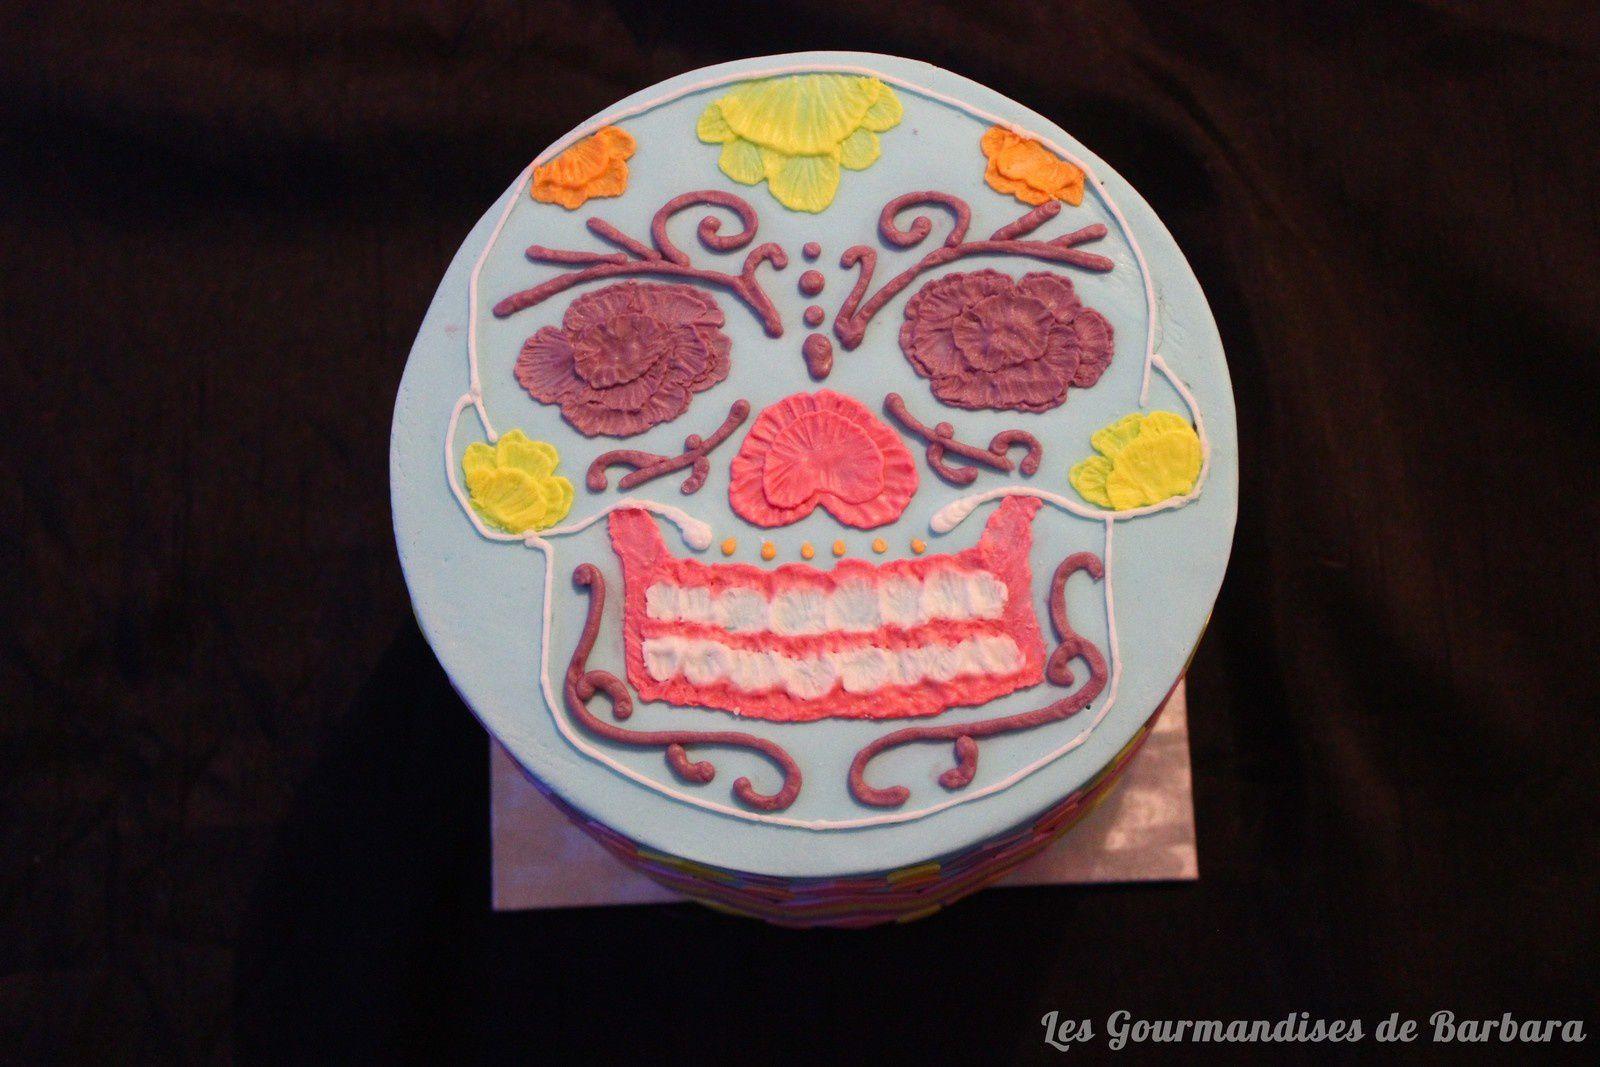 Gâteau Pâte à sucre aztèque/mexique